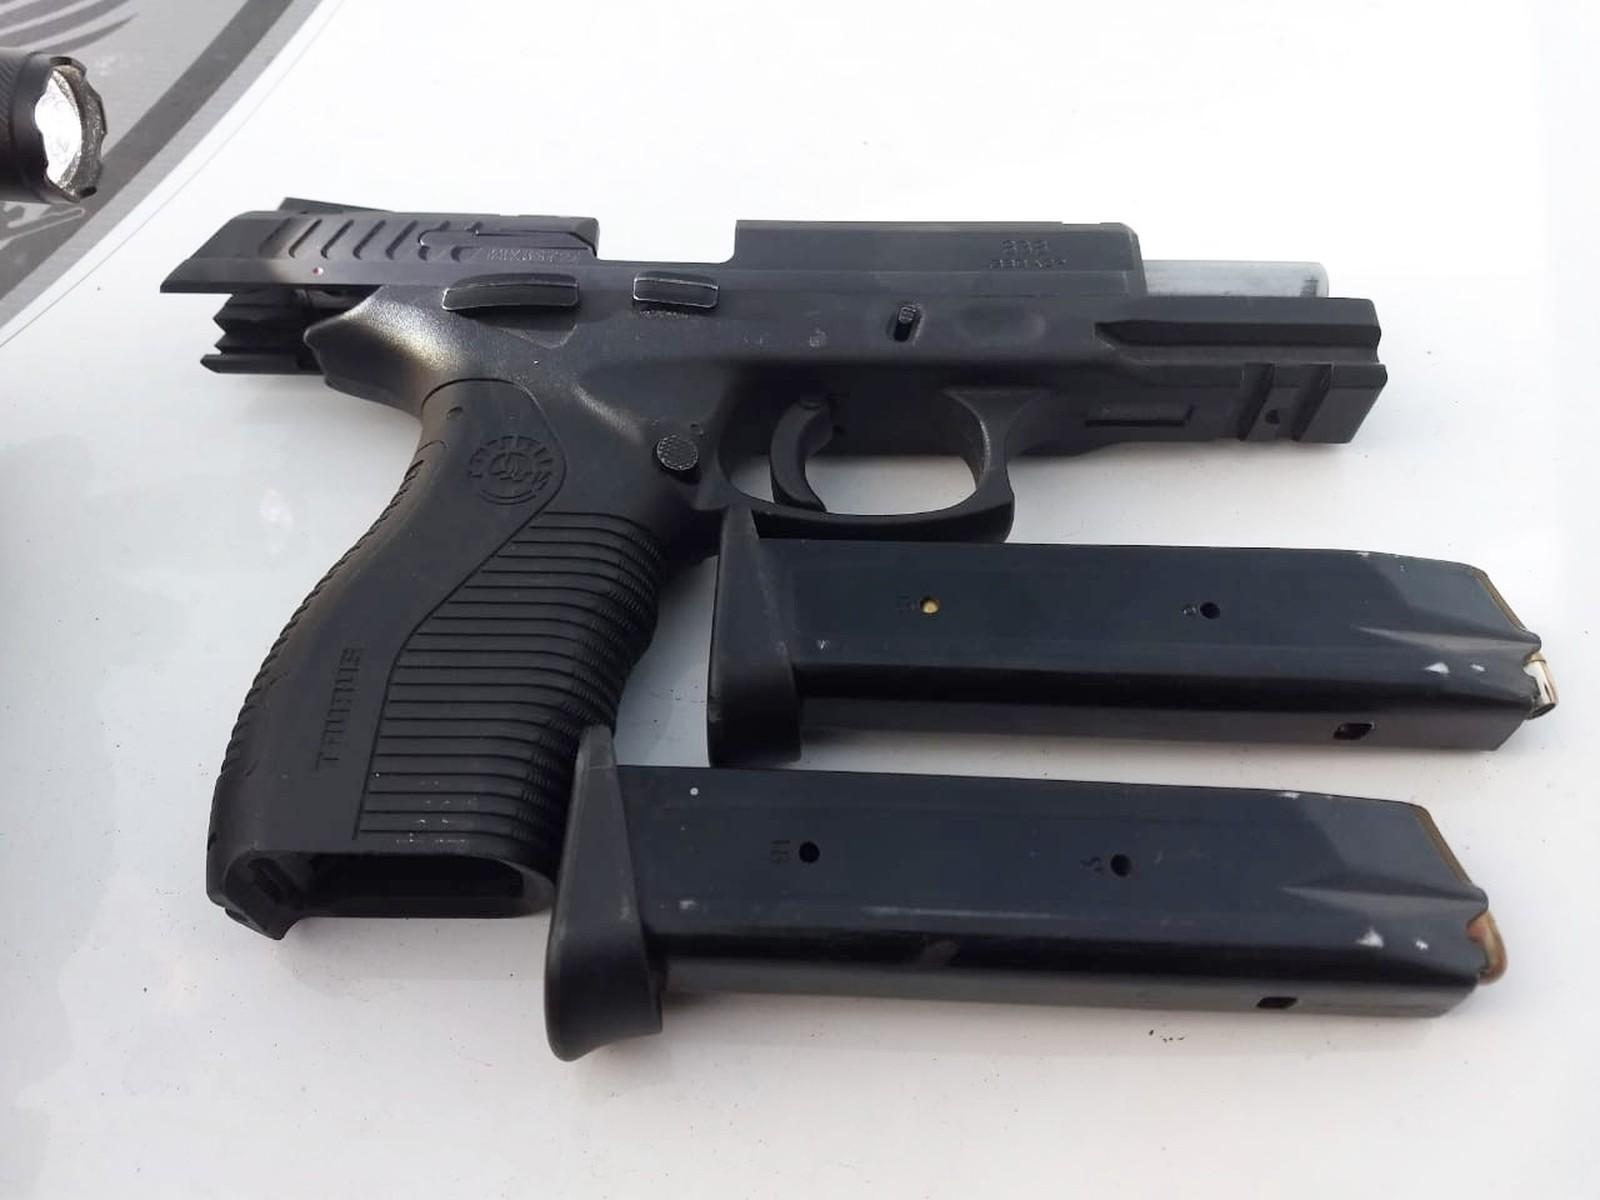 Vigilante preso no RN com arma ilegal fornecida pela empresa é indenizado em R$ 70 mil